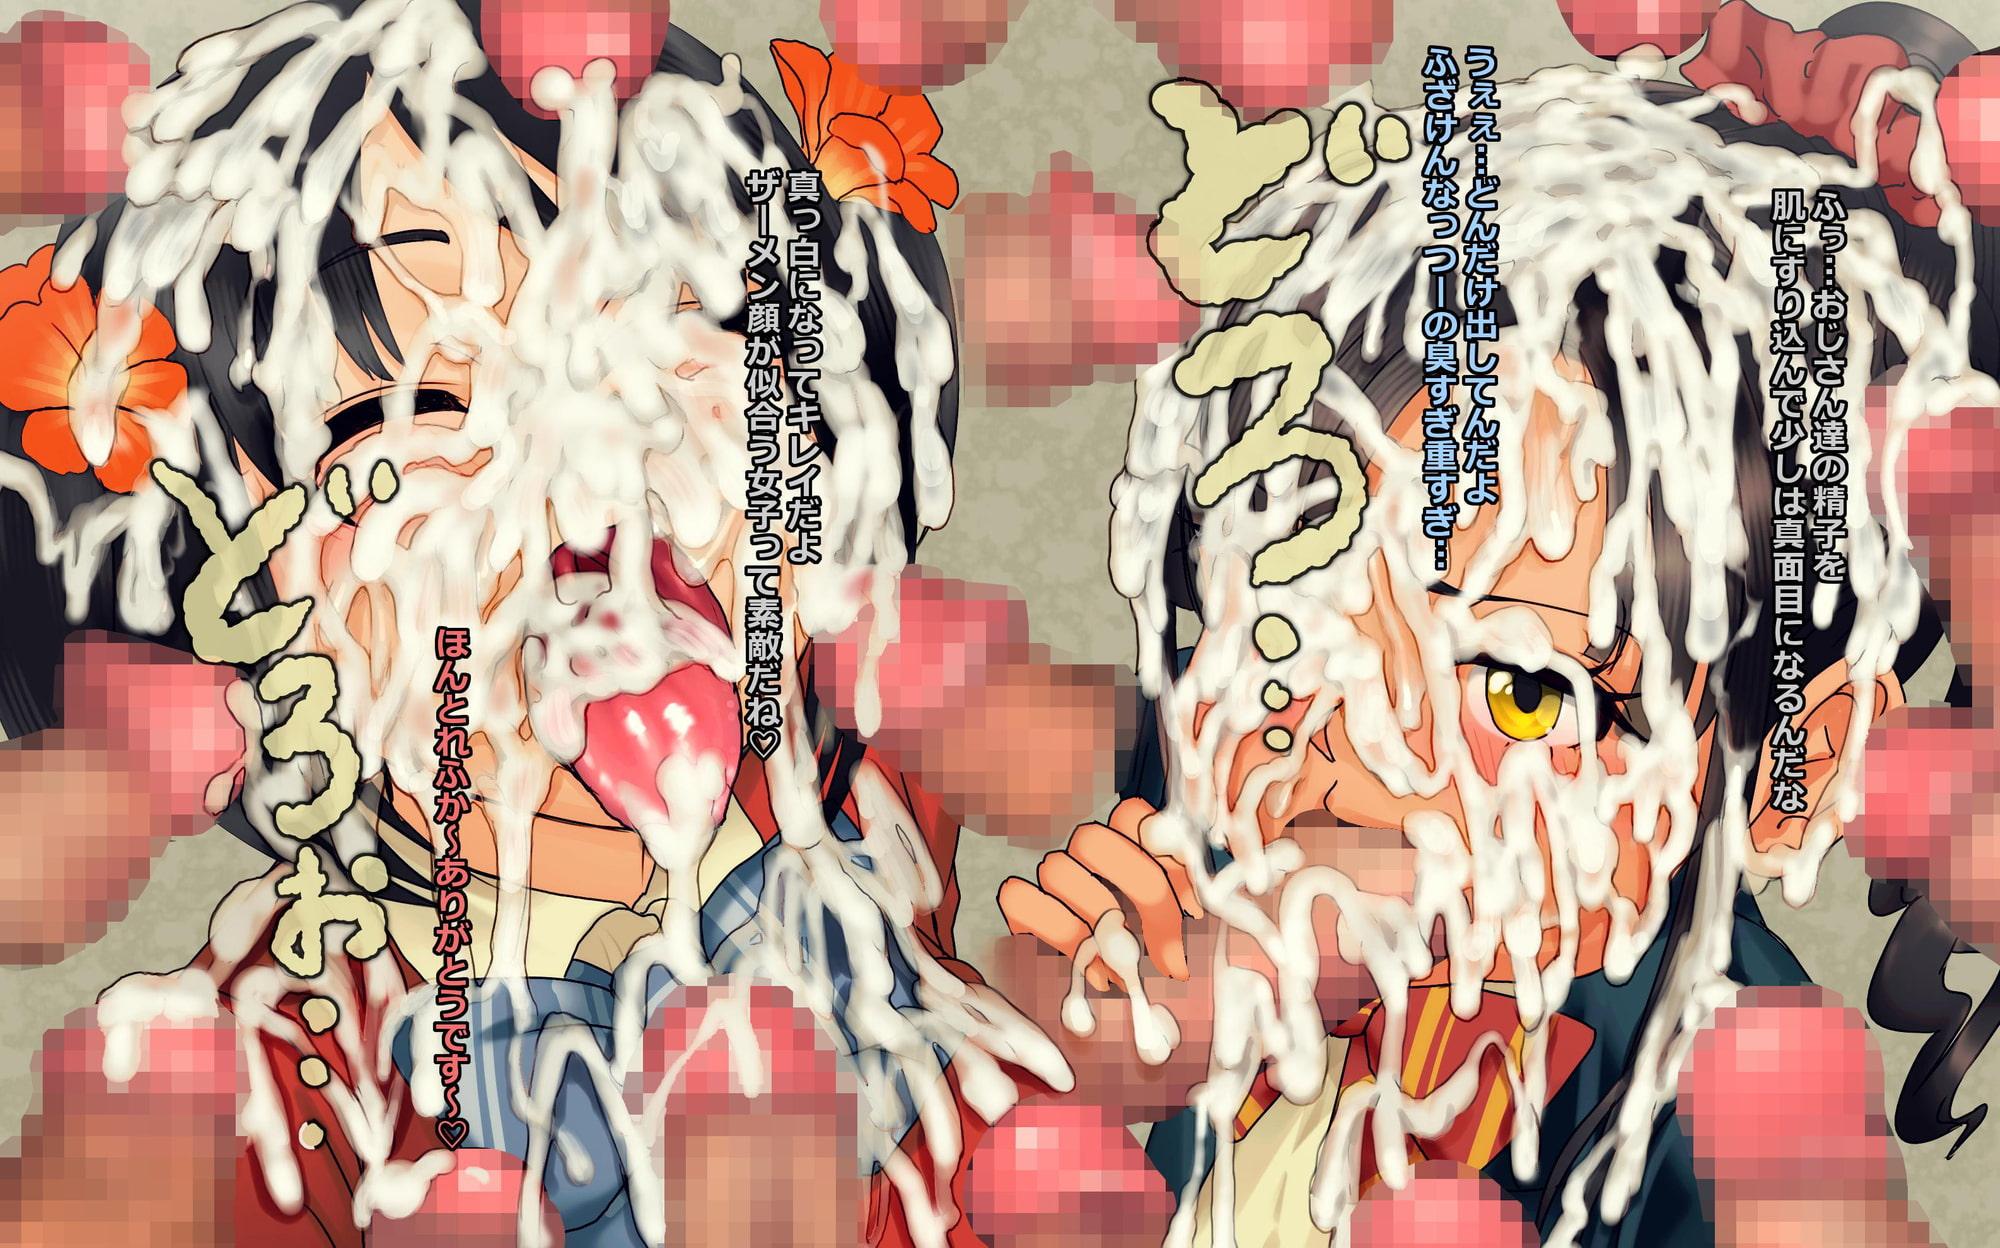 【 #ゼリーの日 】フェチズムを煽る新感覚ゼリー同人作品【食ザー/精子ゼリー/痰壷ゼリー他】